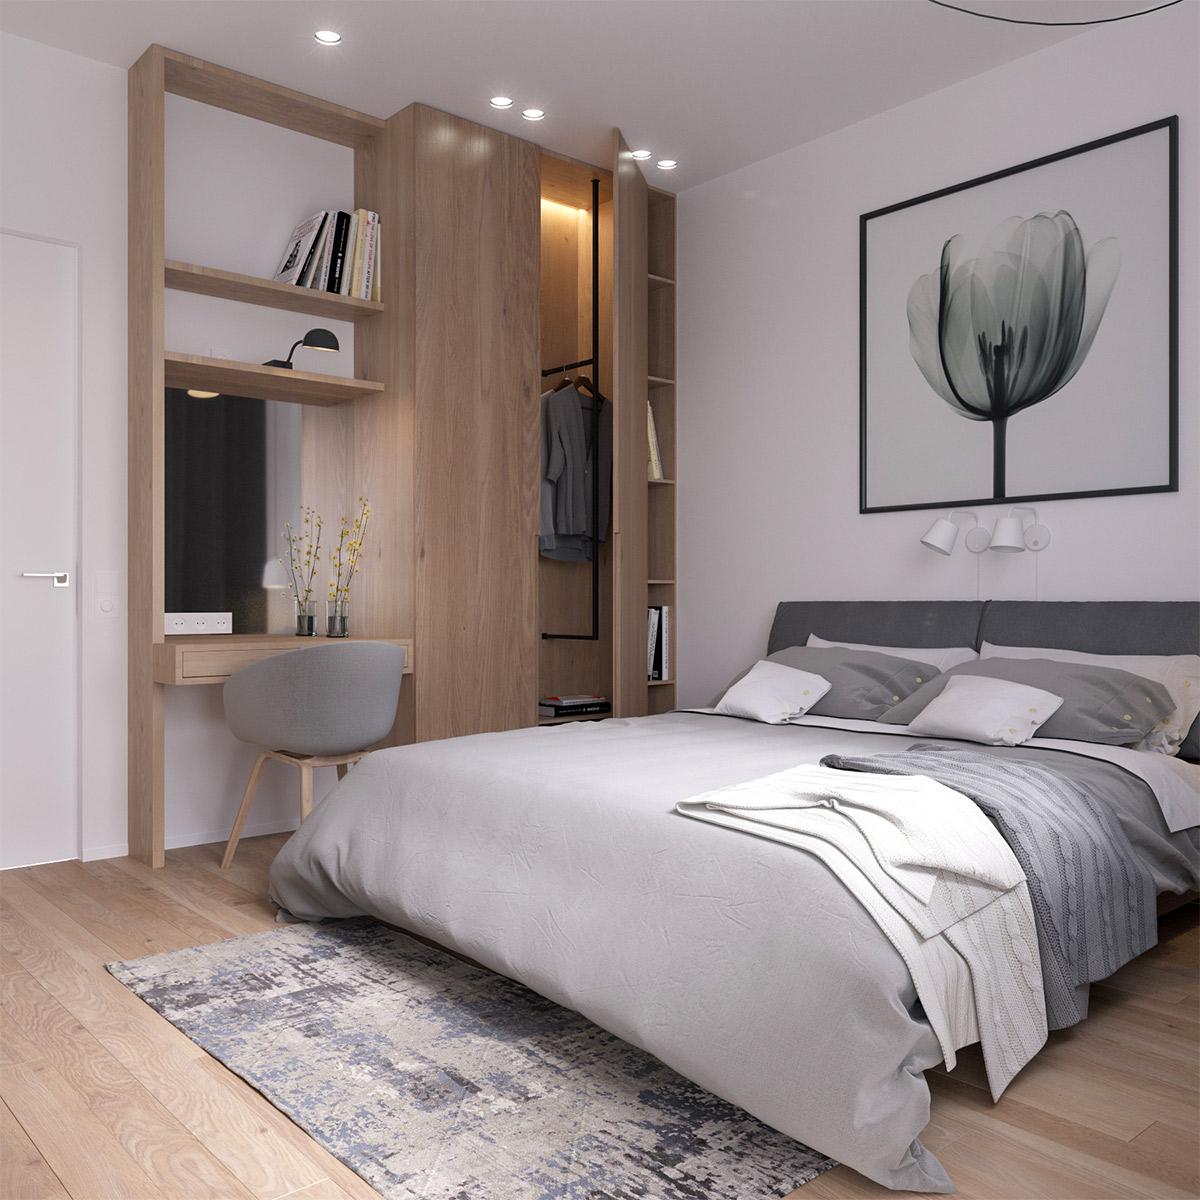 Thiết kế nội thất phong cách Scandinavian đẹp